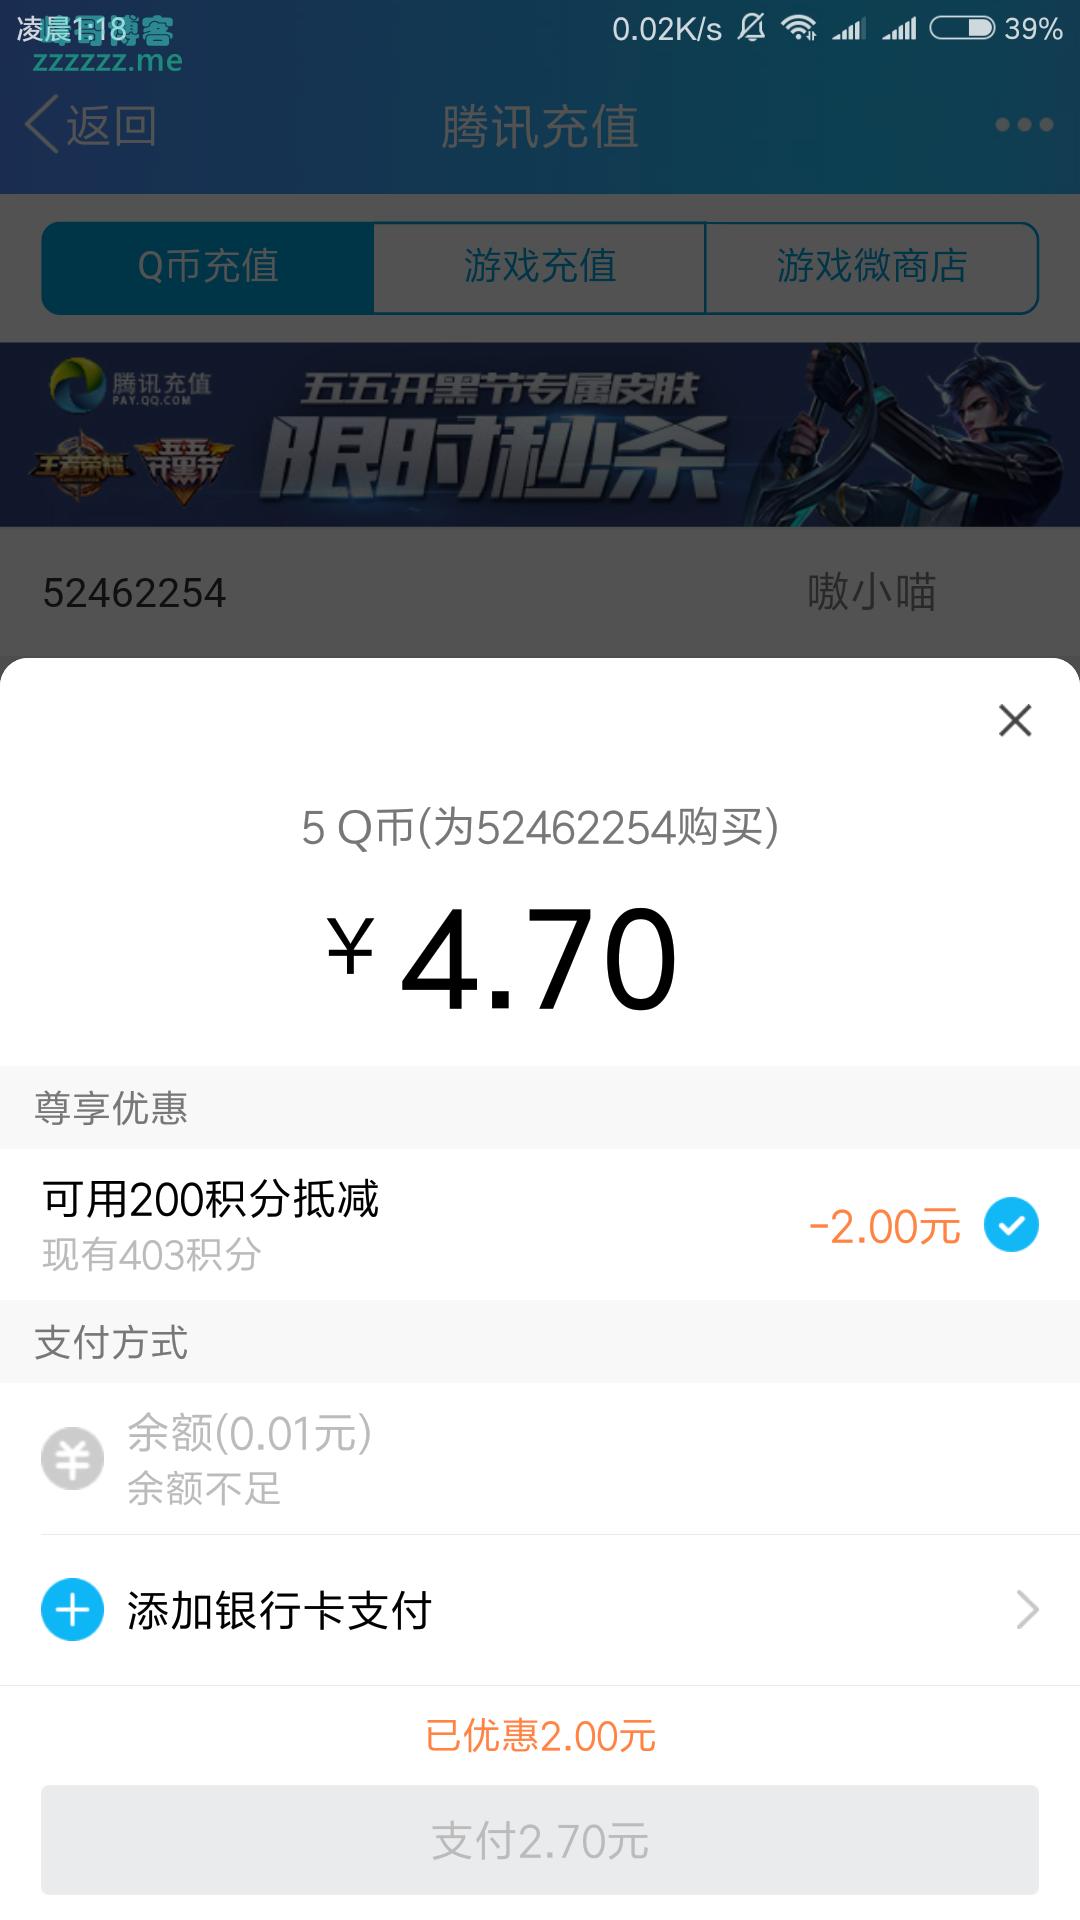 手机QQ7.6.0充值QB可积分抵扣